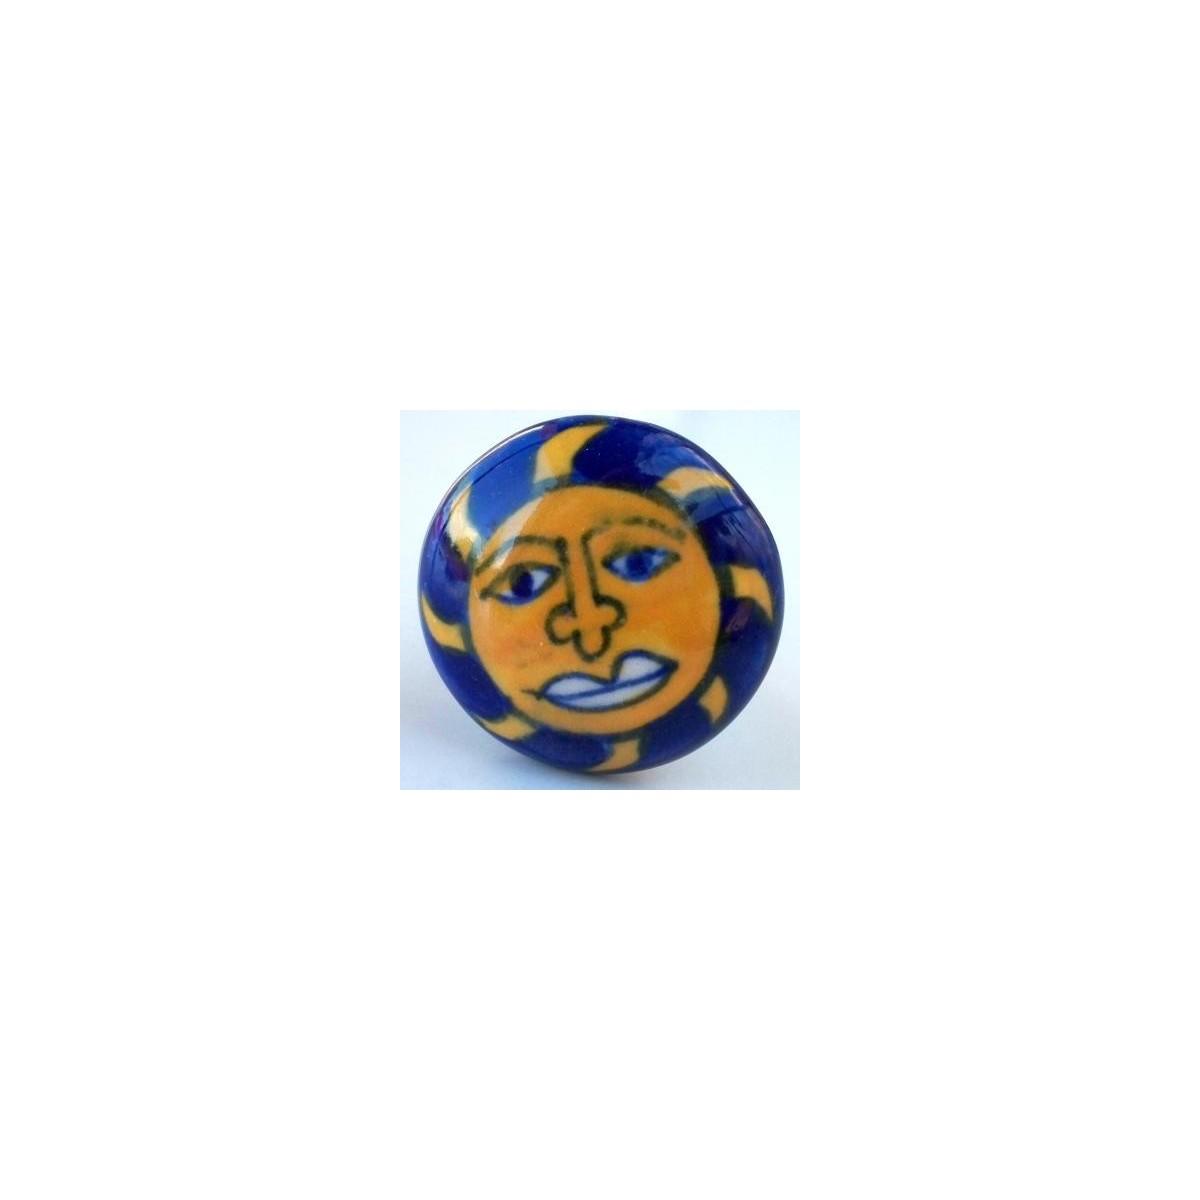 Bouton de meuble soleil ethnique 2 90 mf1 - Bouton apres coup de soleil ...